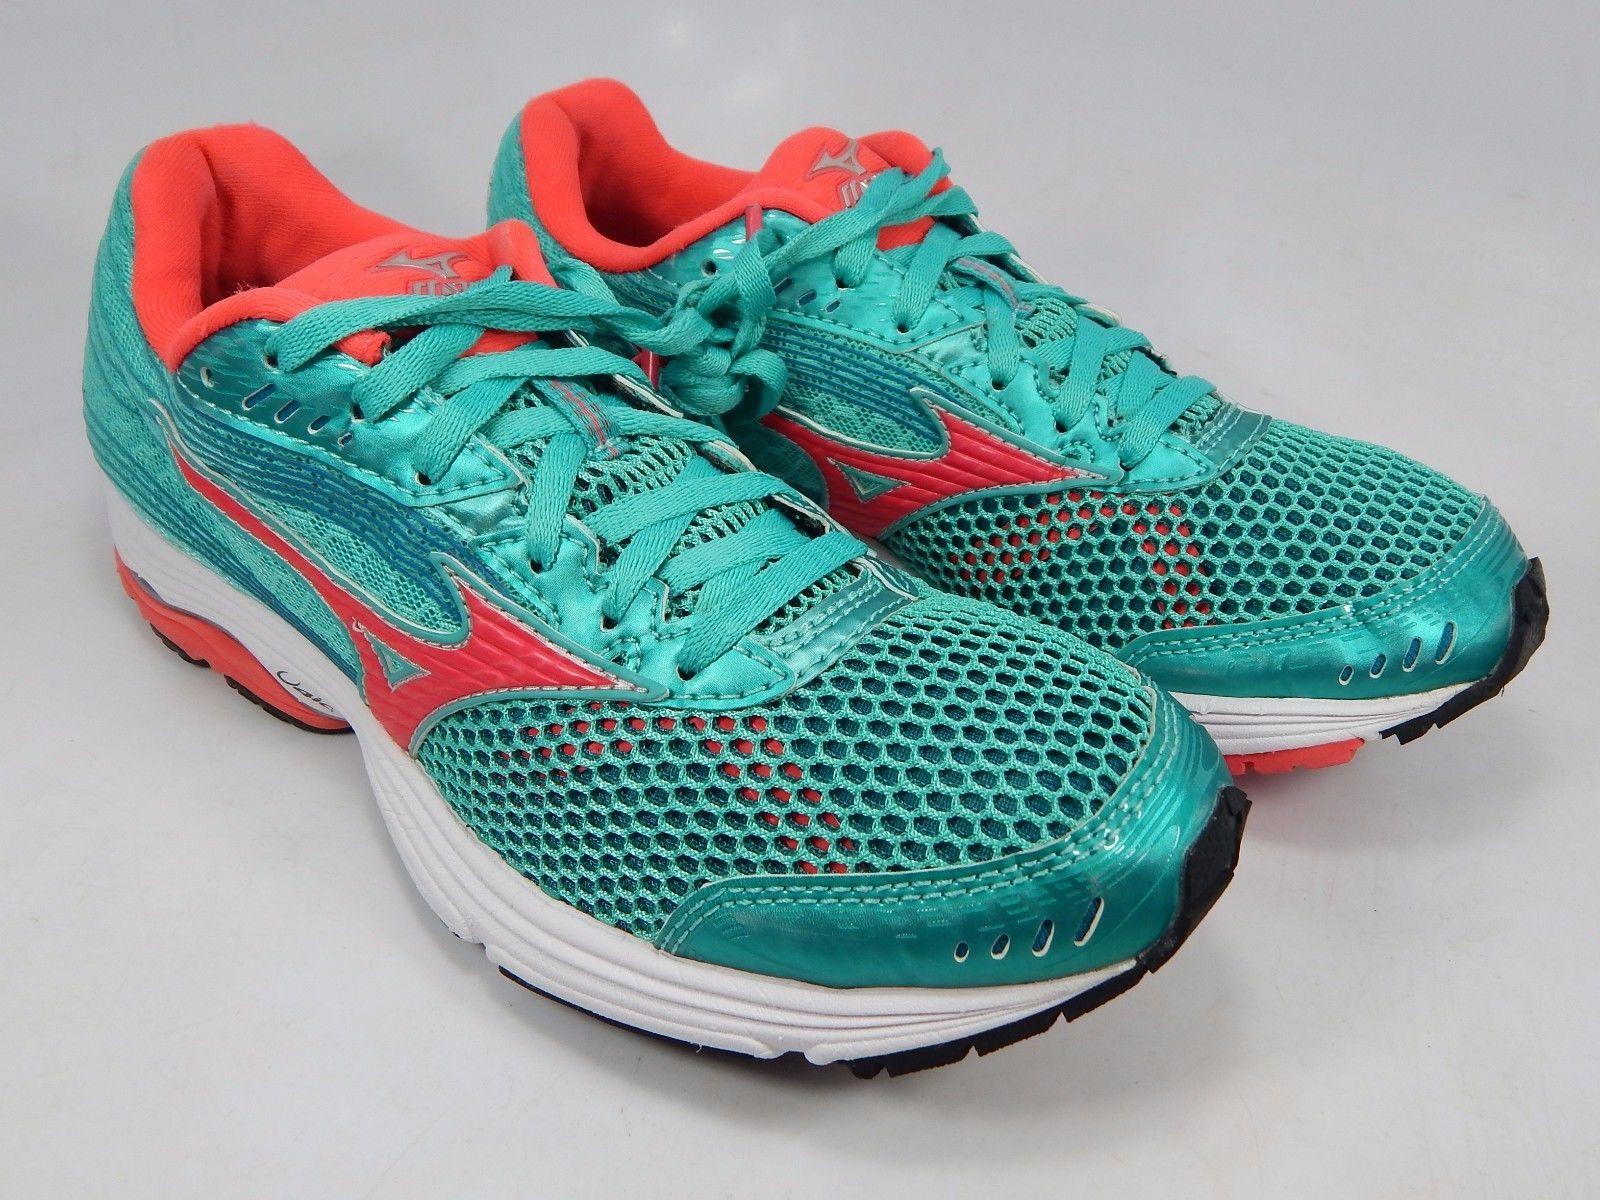 Mizuno Wave Sayonara 3 Women's Running Shoes Size US 8 M (B) EU 38.5 Green Pink